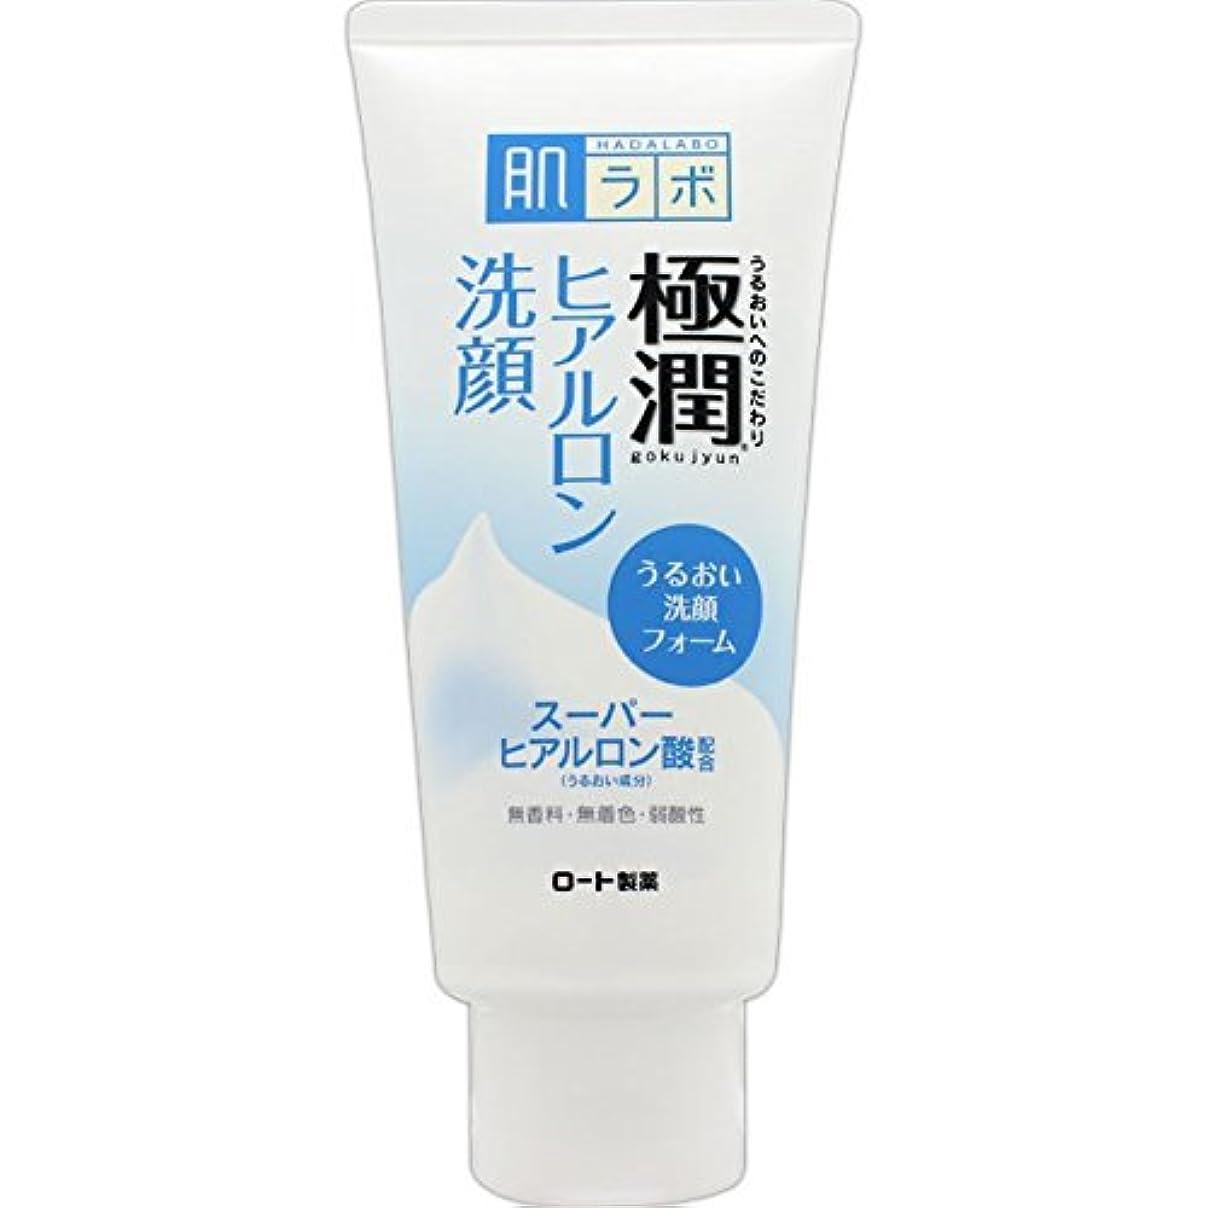 普通の着る頑丈肌ラボ 極潤 ヒアルロン洗顔フォーム 100g